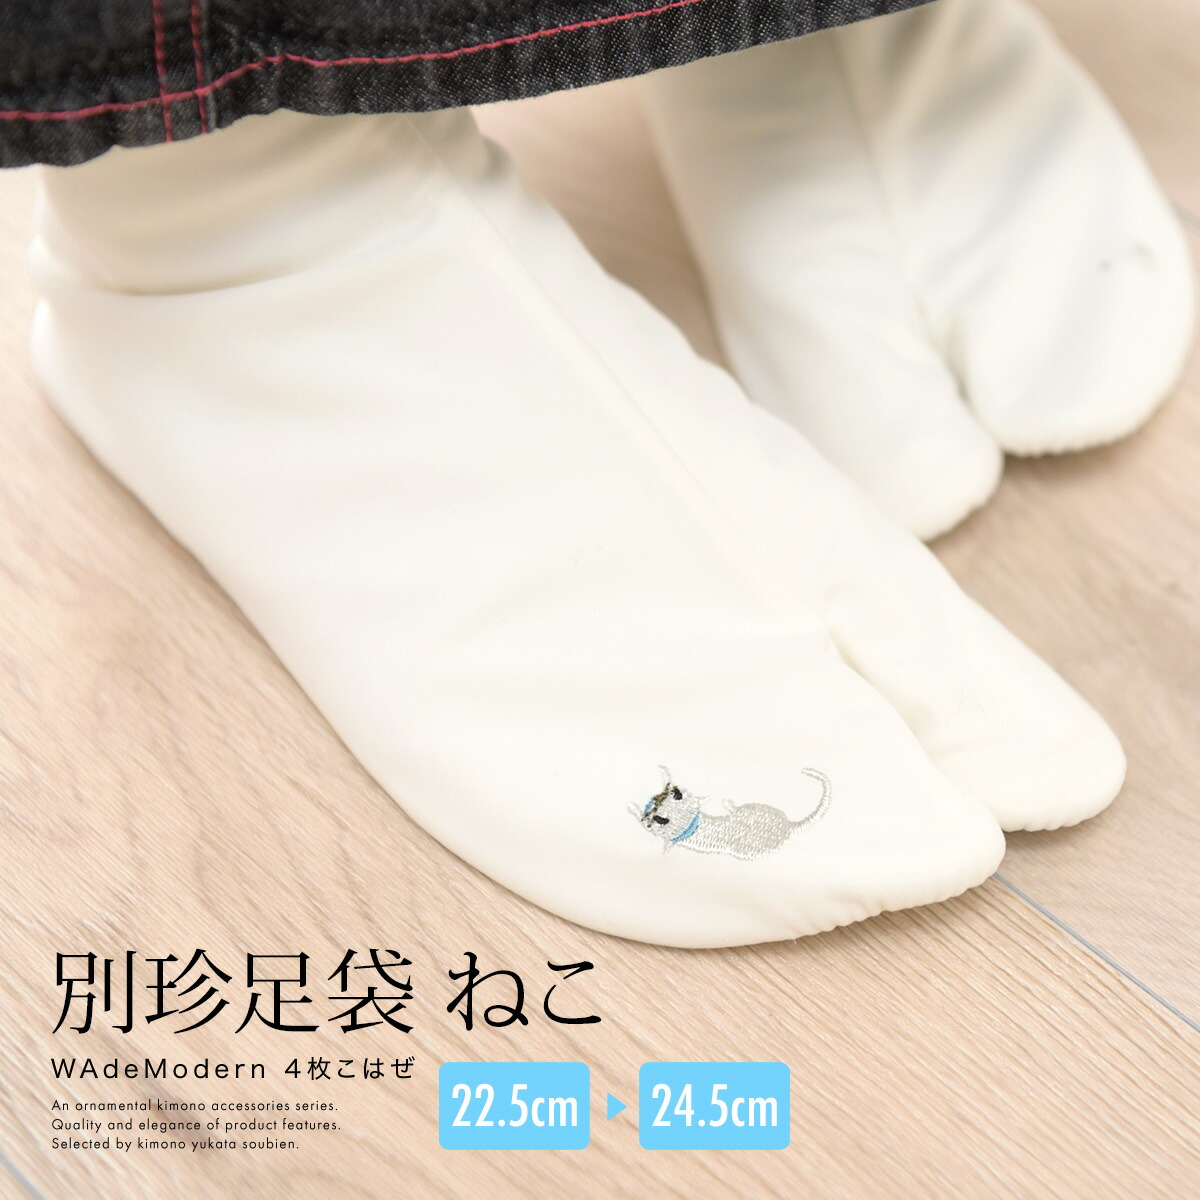 別珍刺繍足袋 アイボリー 猫 ネコ 別珍 WA de Modern SWAROVSKI スワロフスキークリエーション使用 日本製a